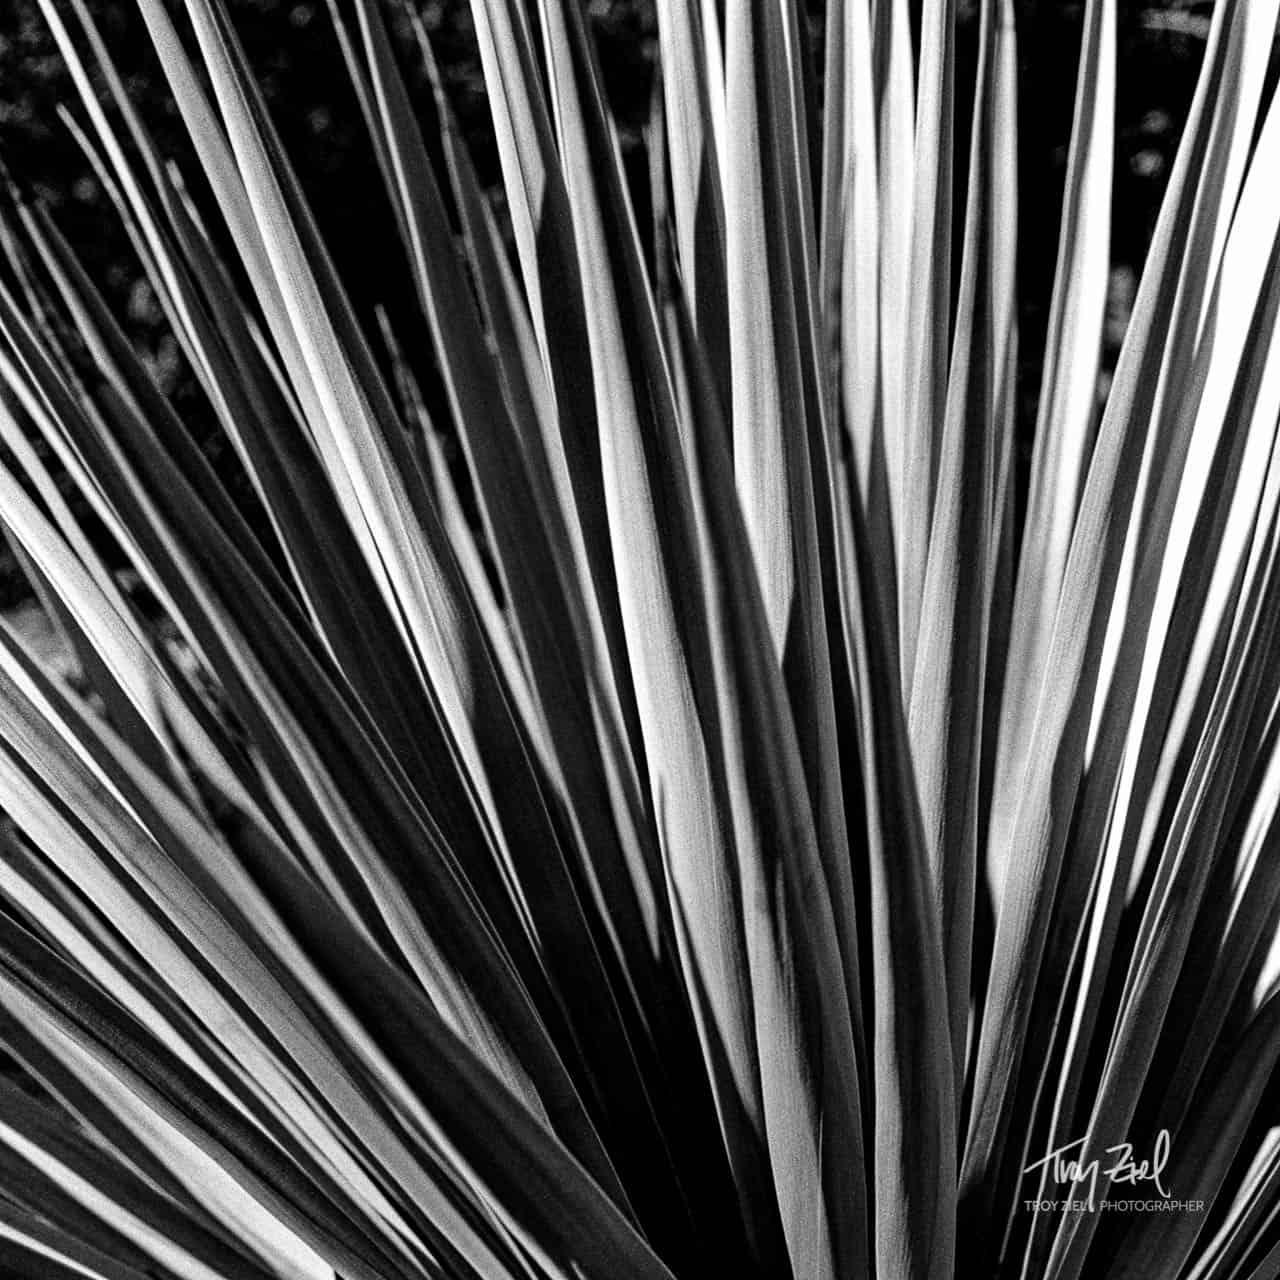 Cactus Blades